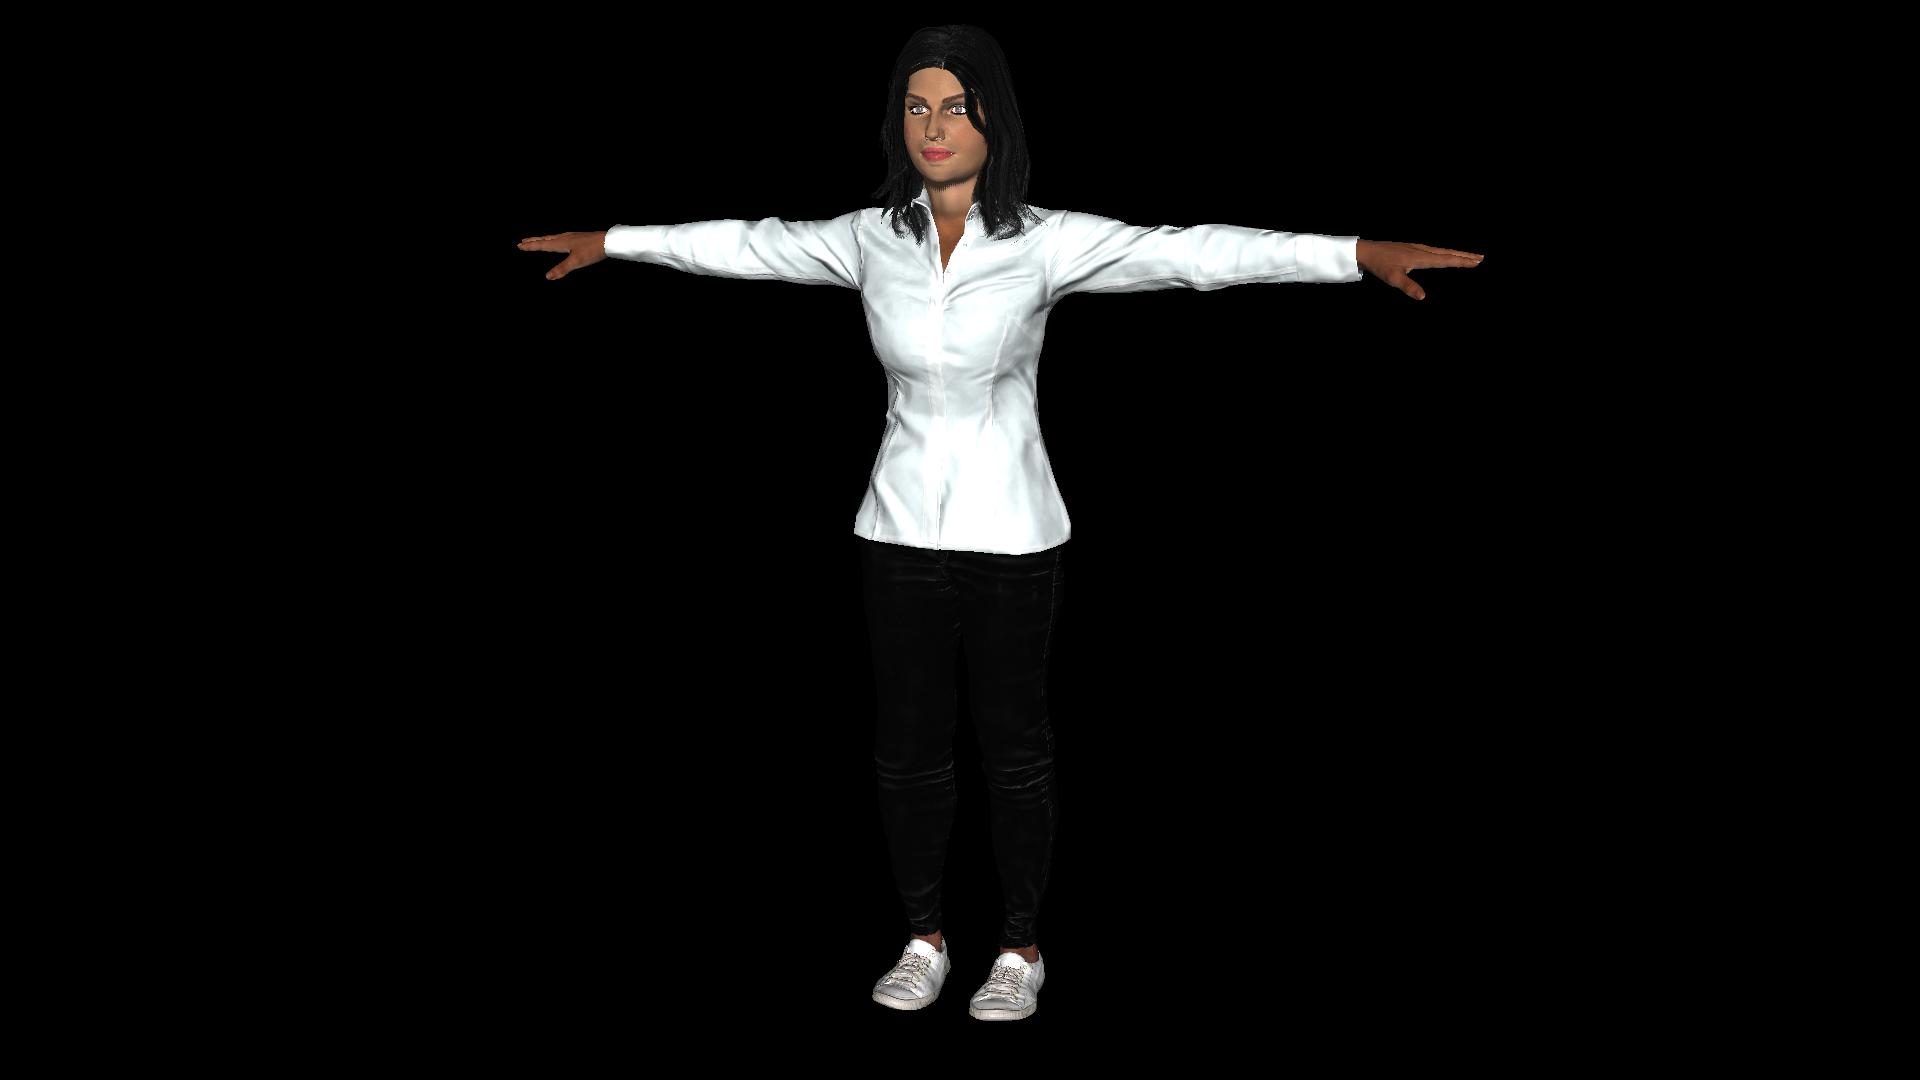 Full Body 3D Avatar